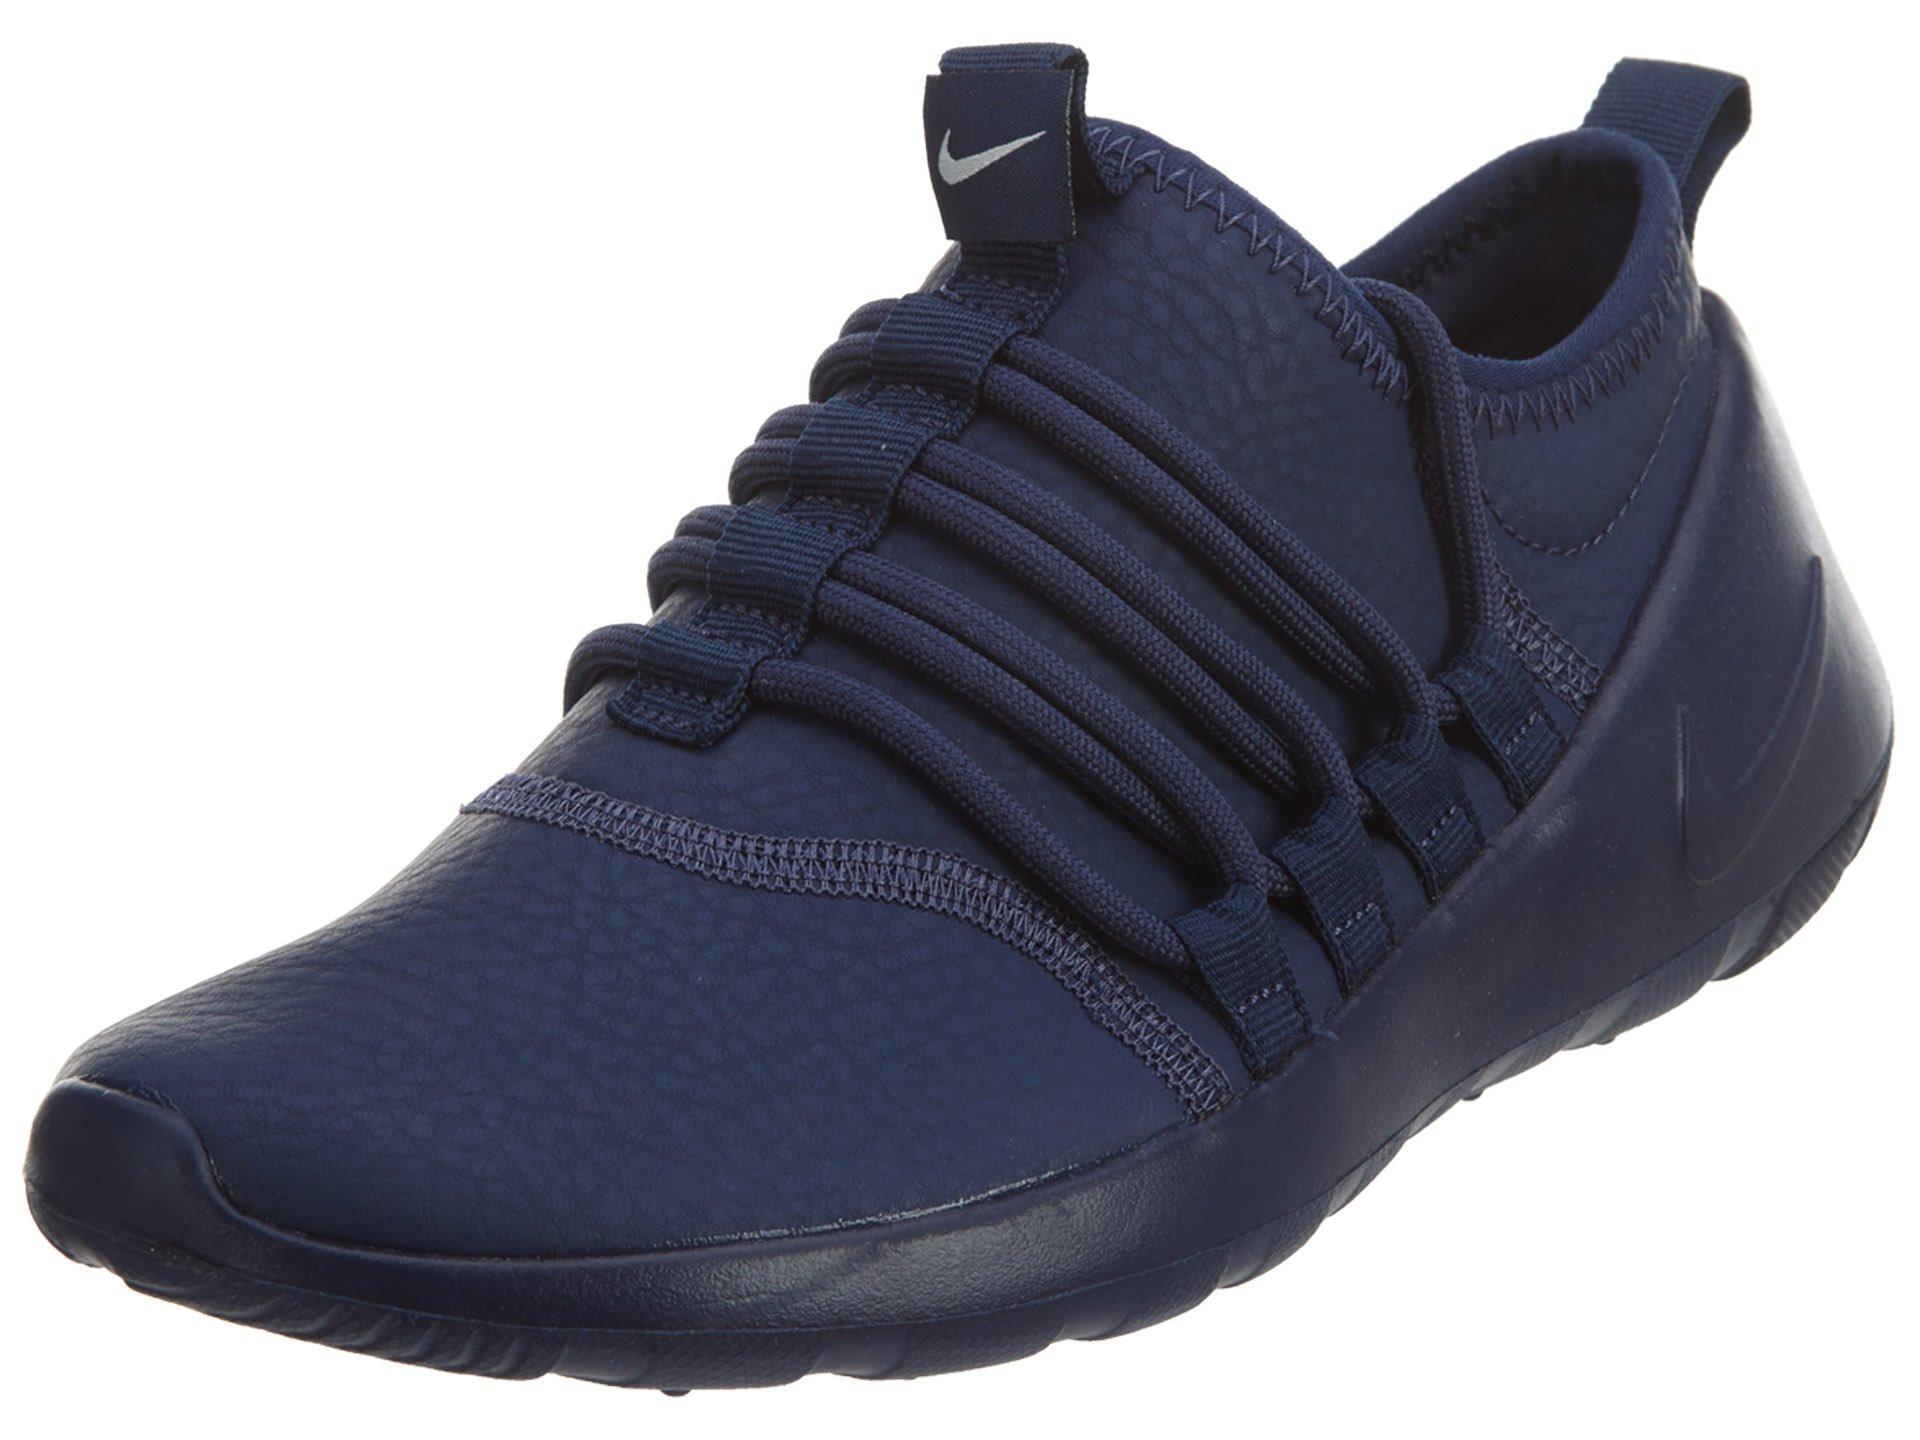 Nike Payyaa Prm Womens Style: 862343-400 Size: 7